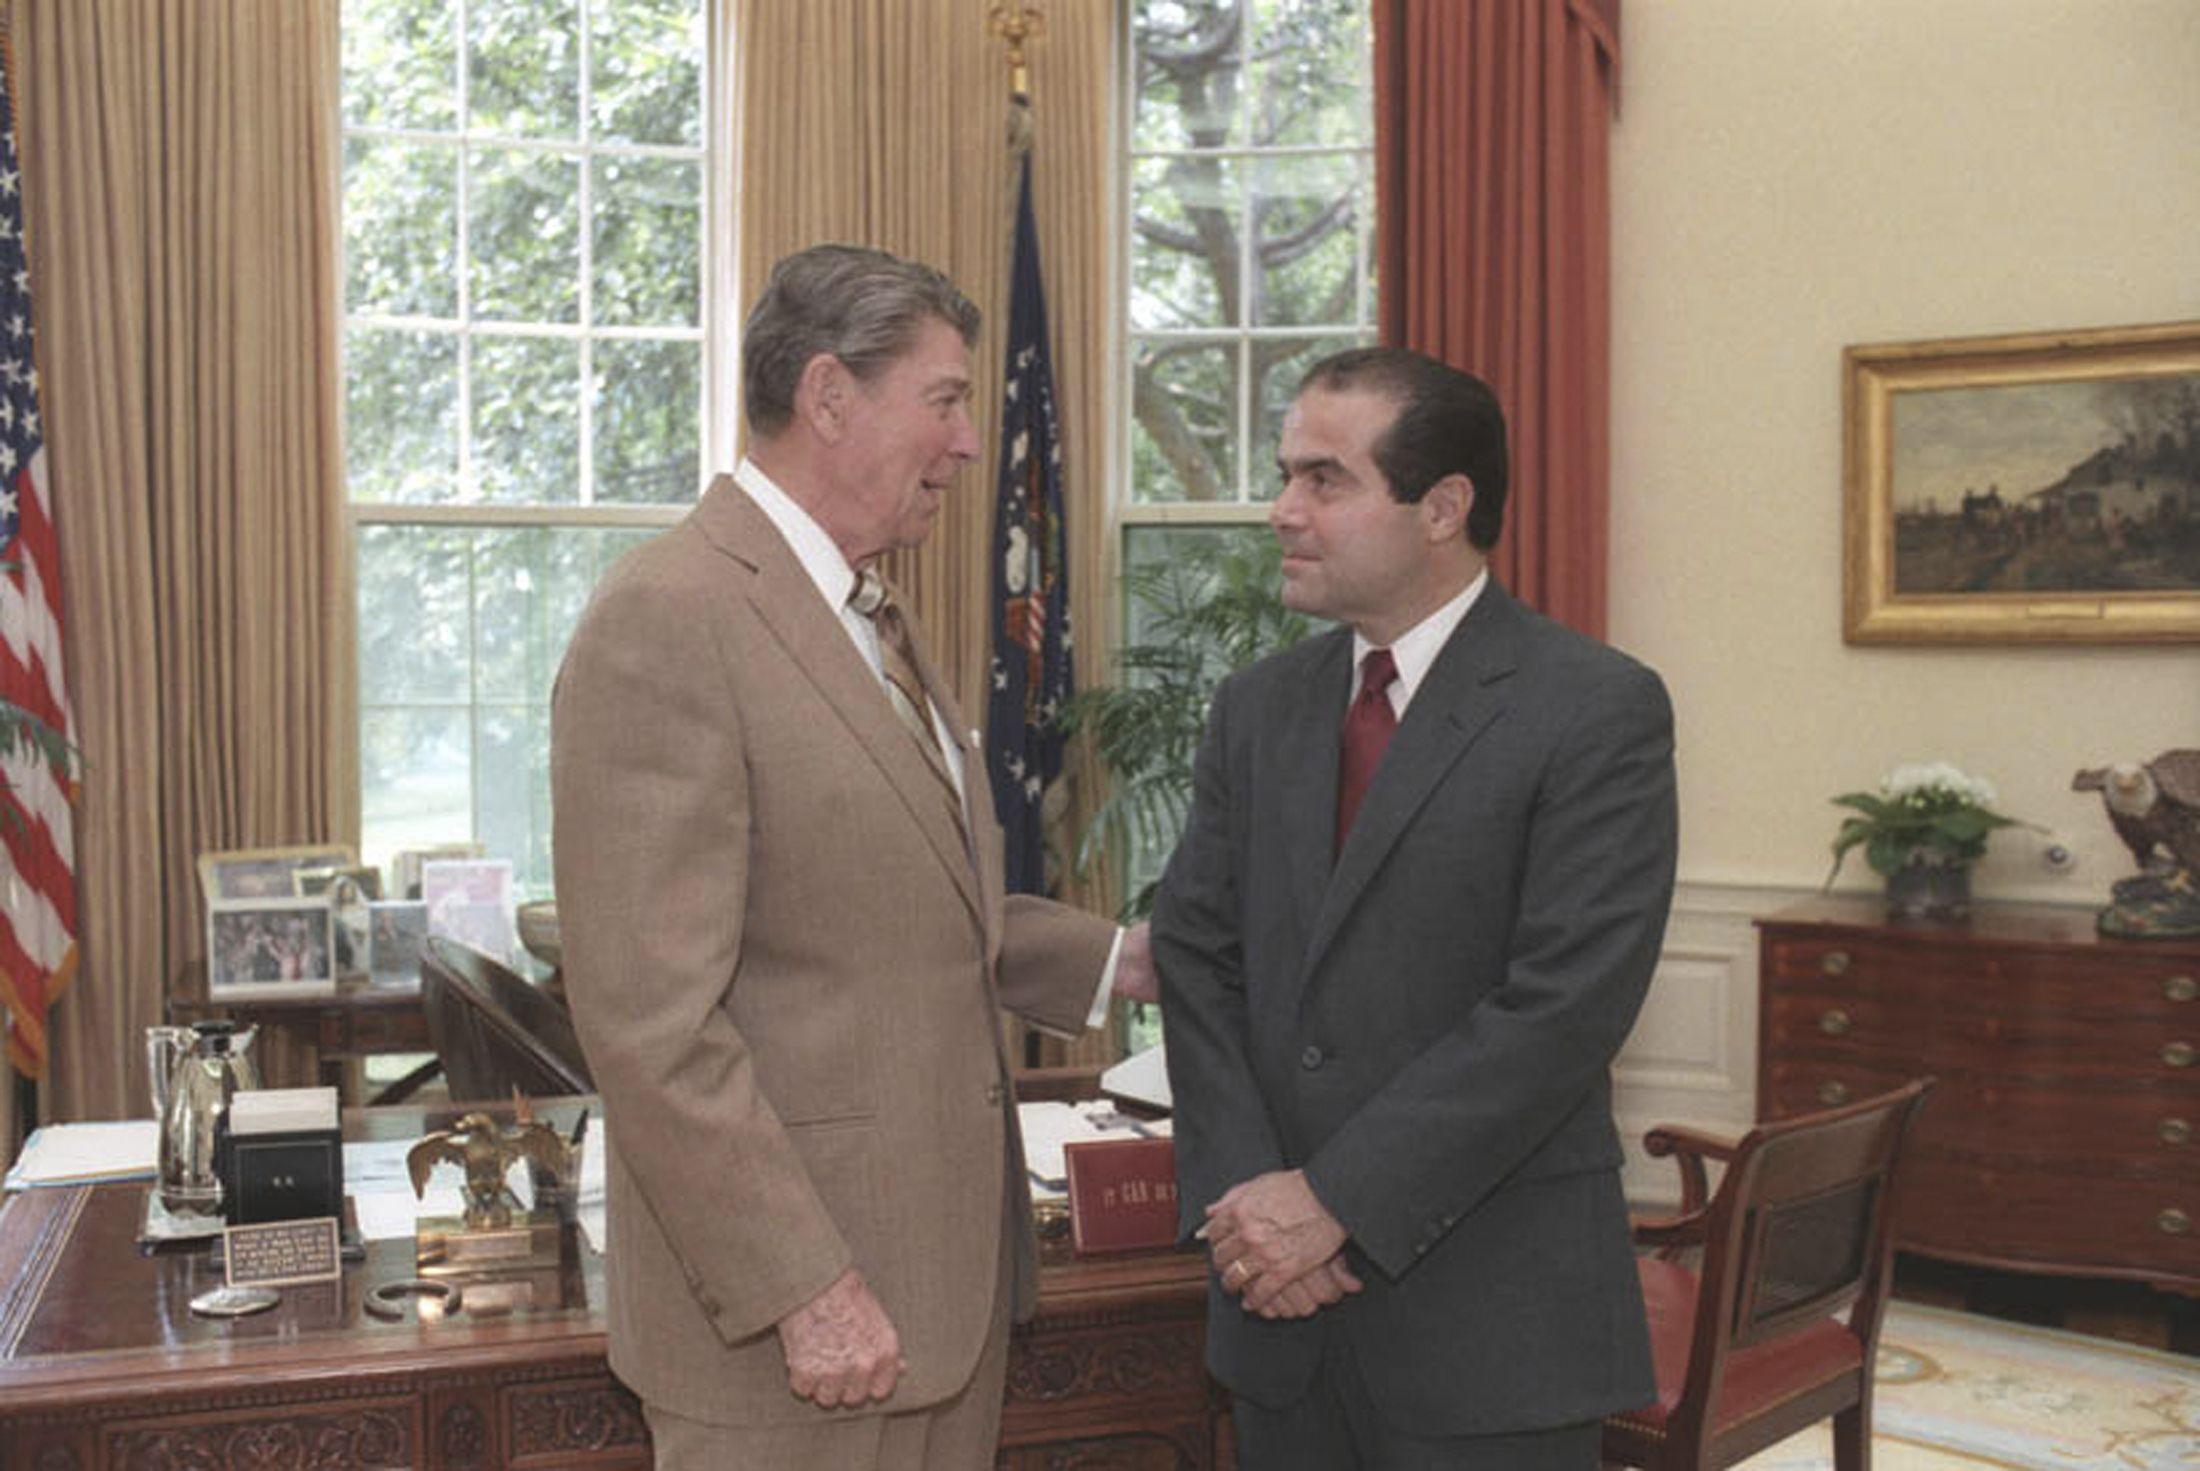 06_09_Scalia_Seat_01